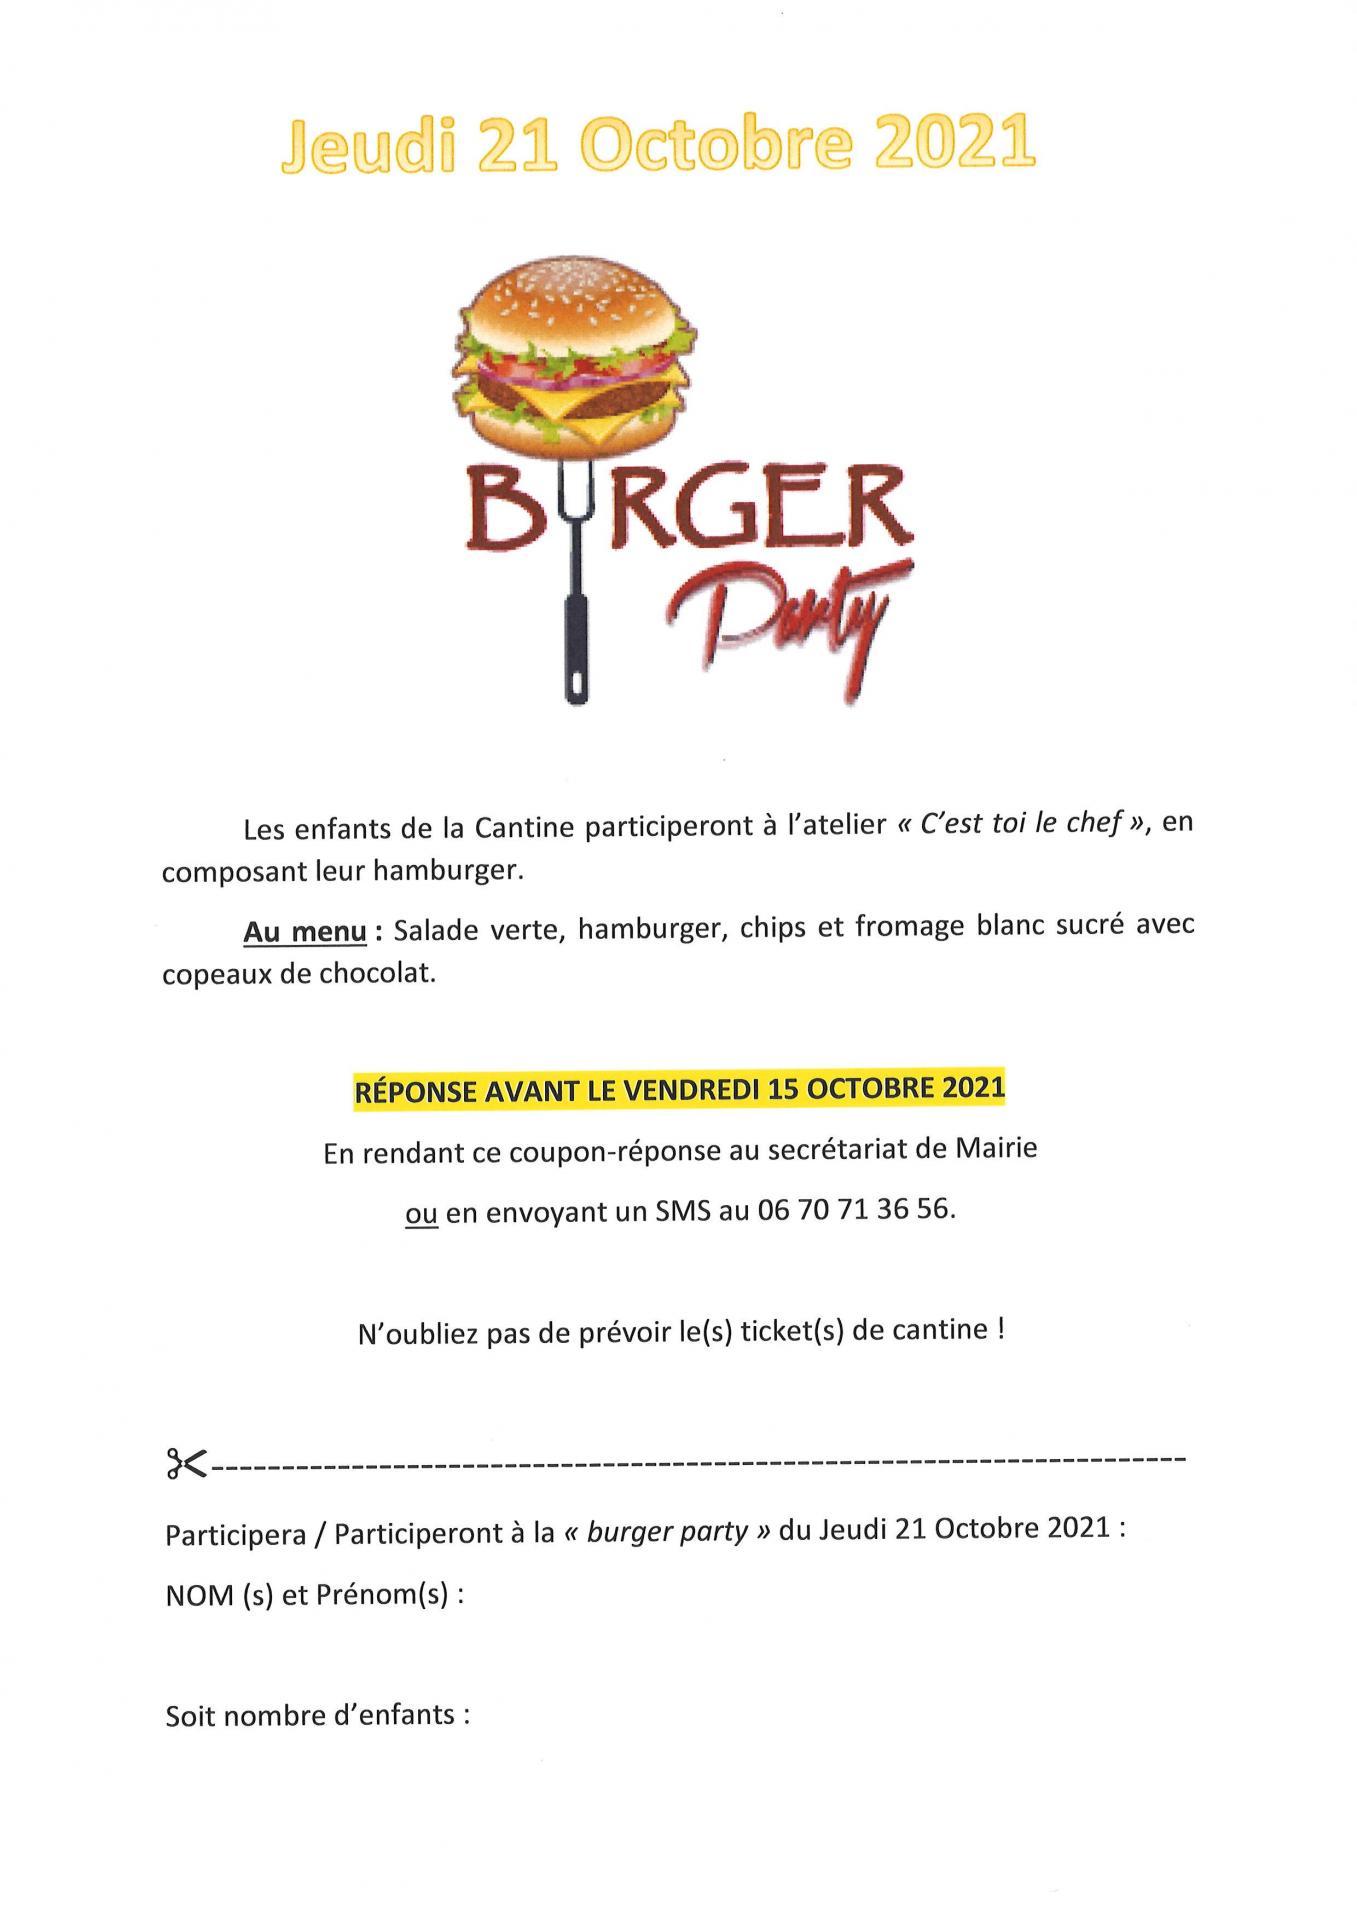 Burger party 21 octobre 2021